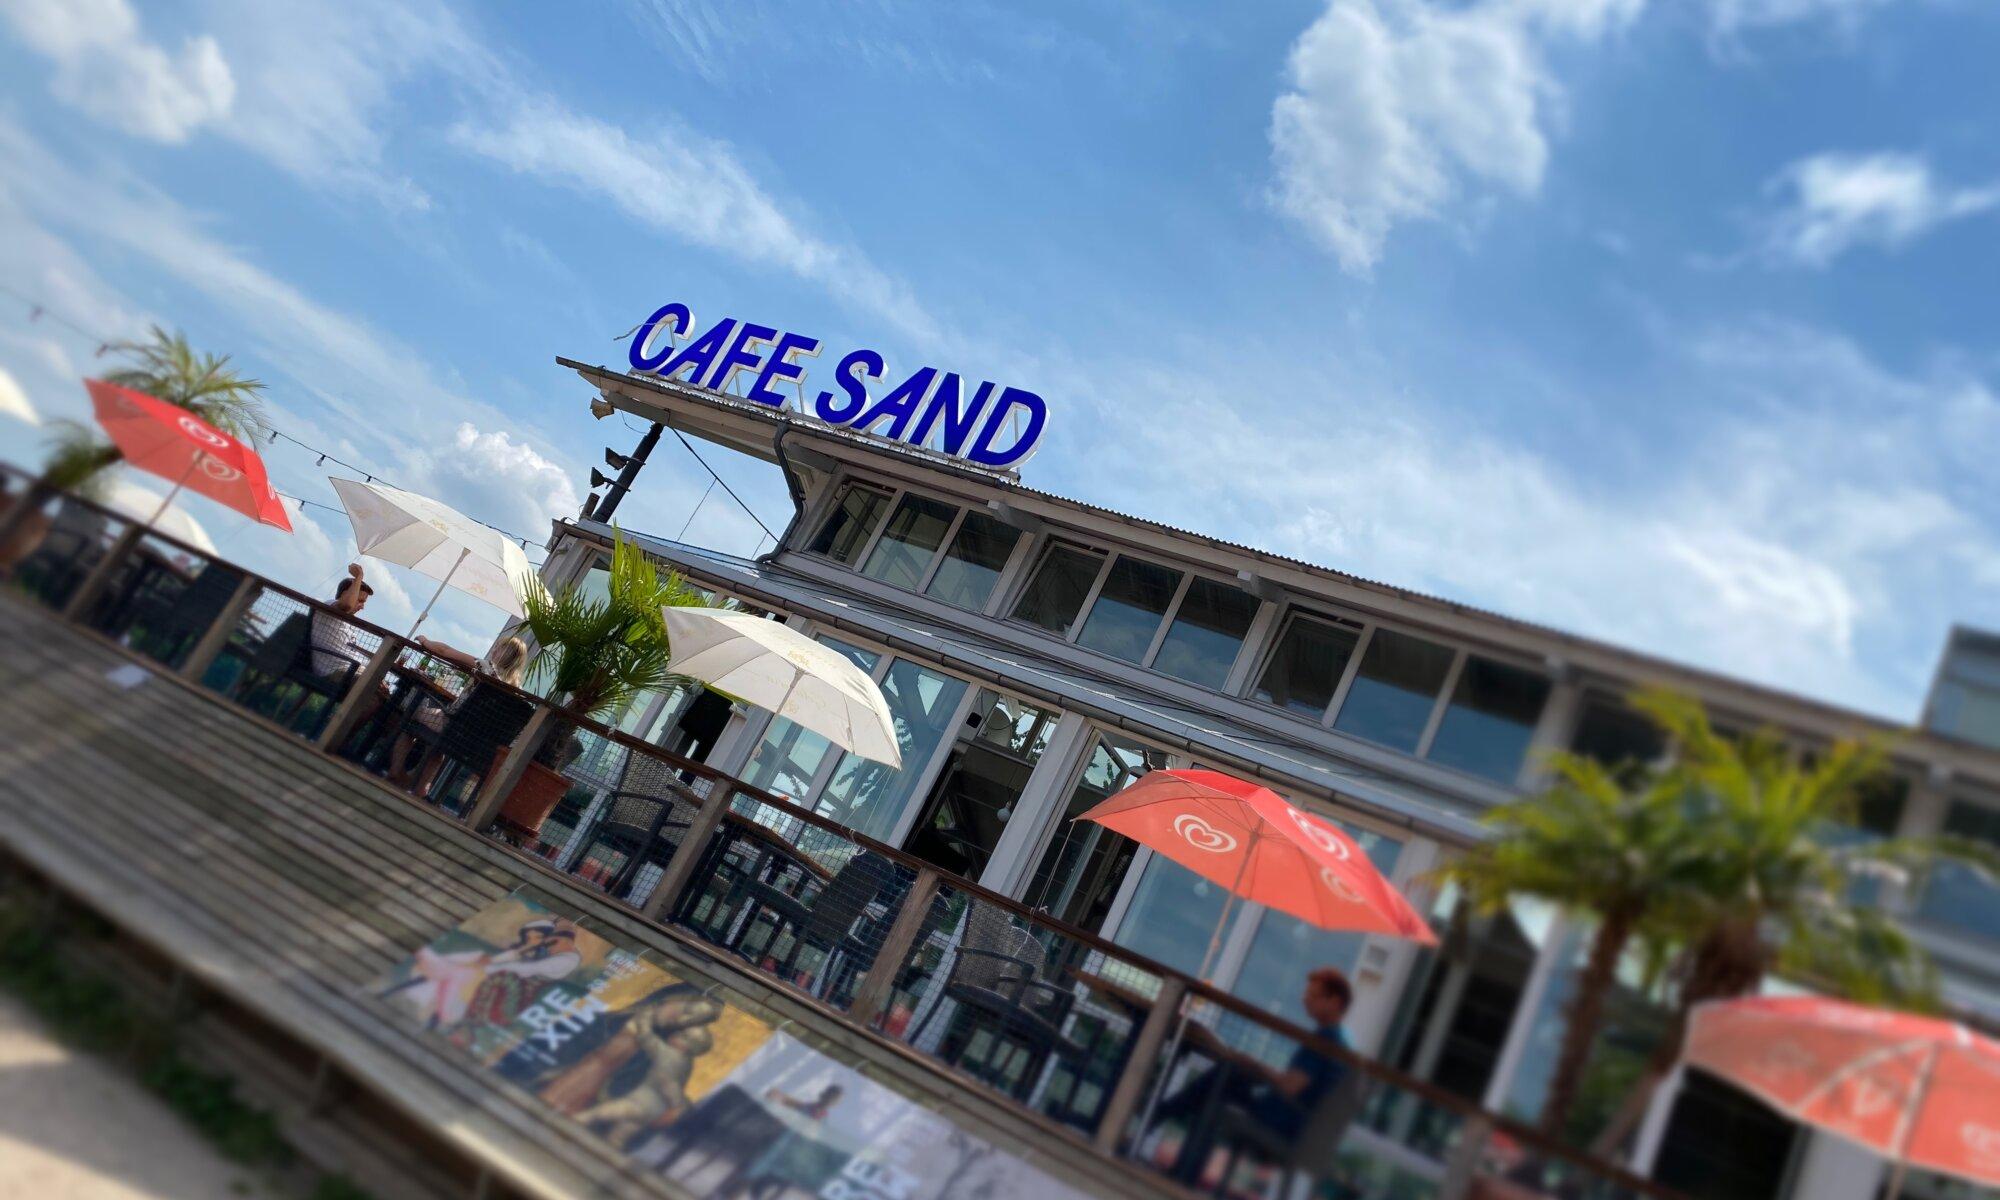 Café Sand, Bremen